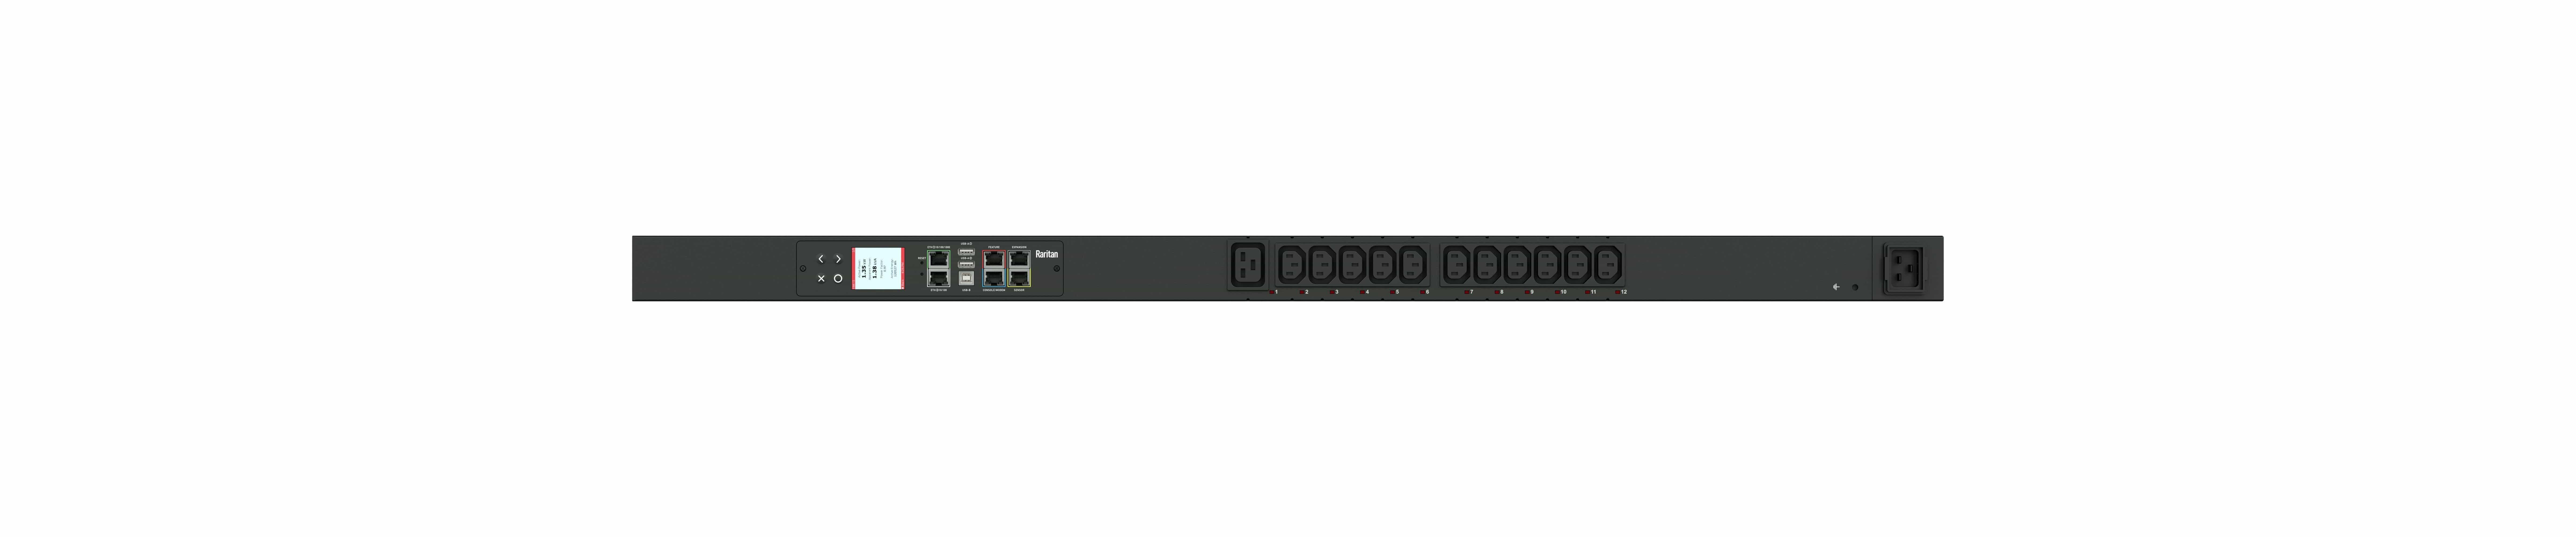 PX3-5025N-M5 - przemysłowa, inteligentna listwa zasilająca iPDU, Raritan